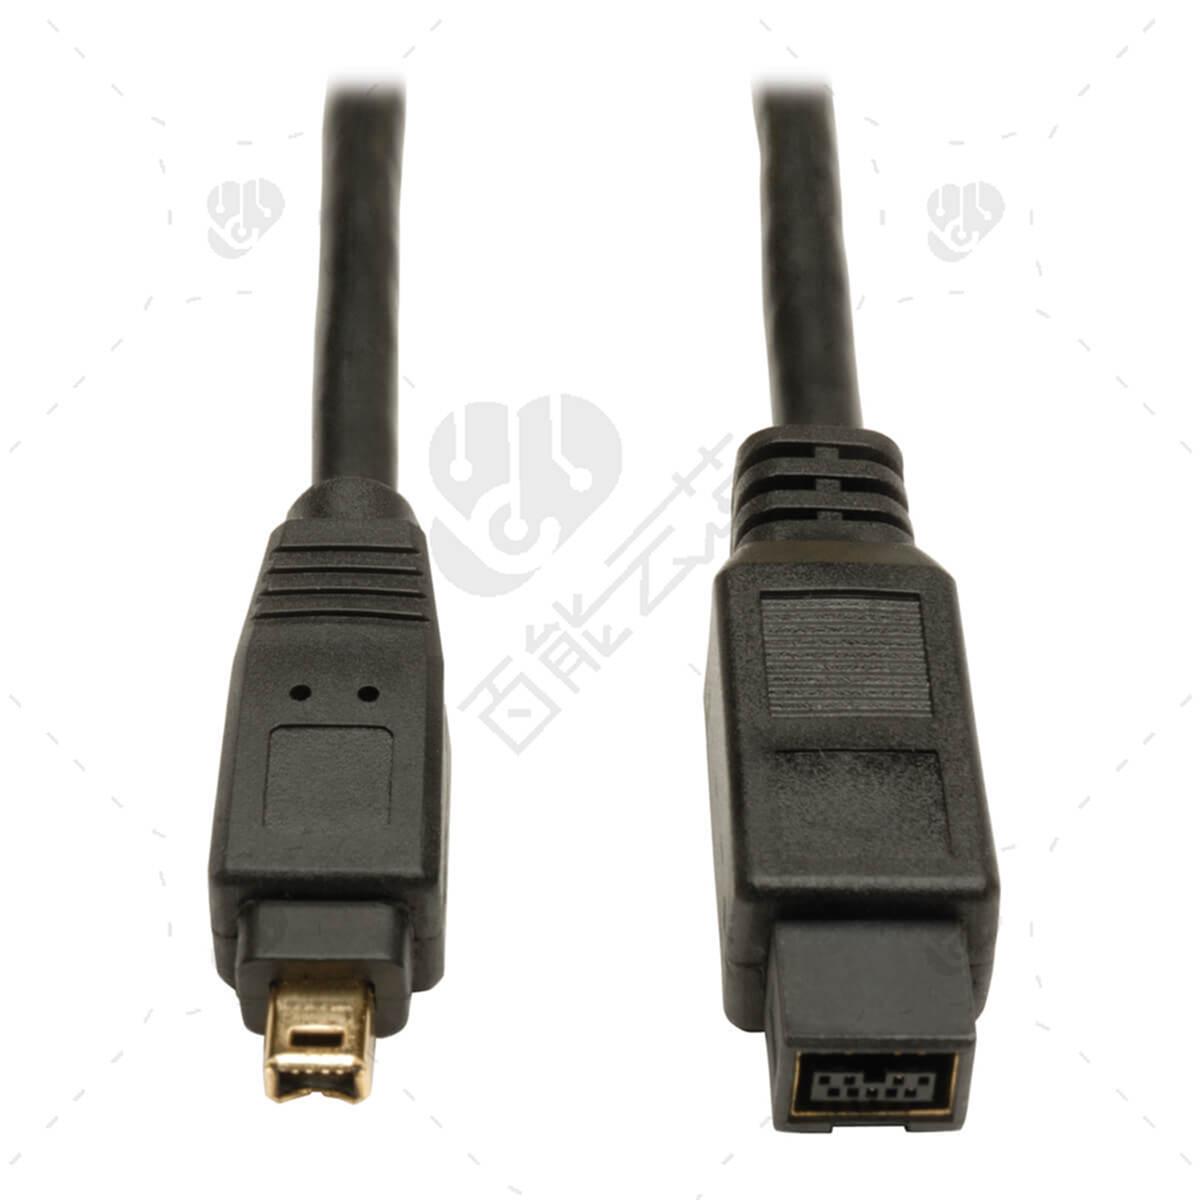 F019-006_Firewire火线电缆(IEEE 1394)